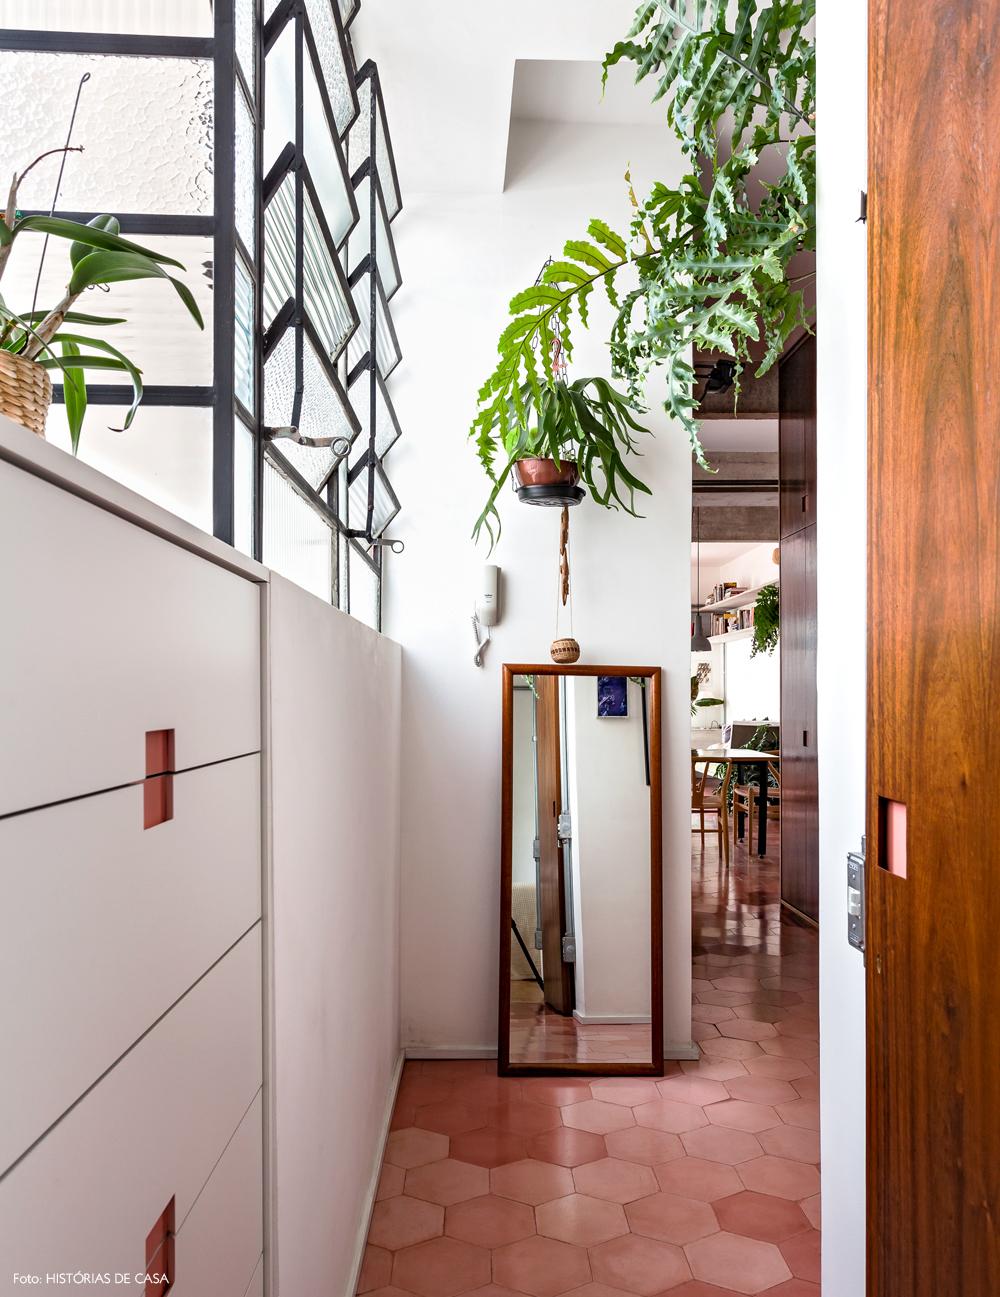 33-decoracao-corredor-piso-ladrilhos-hidraulicos-plantas-suspensas